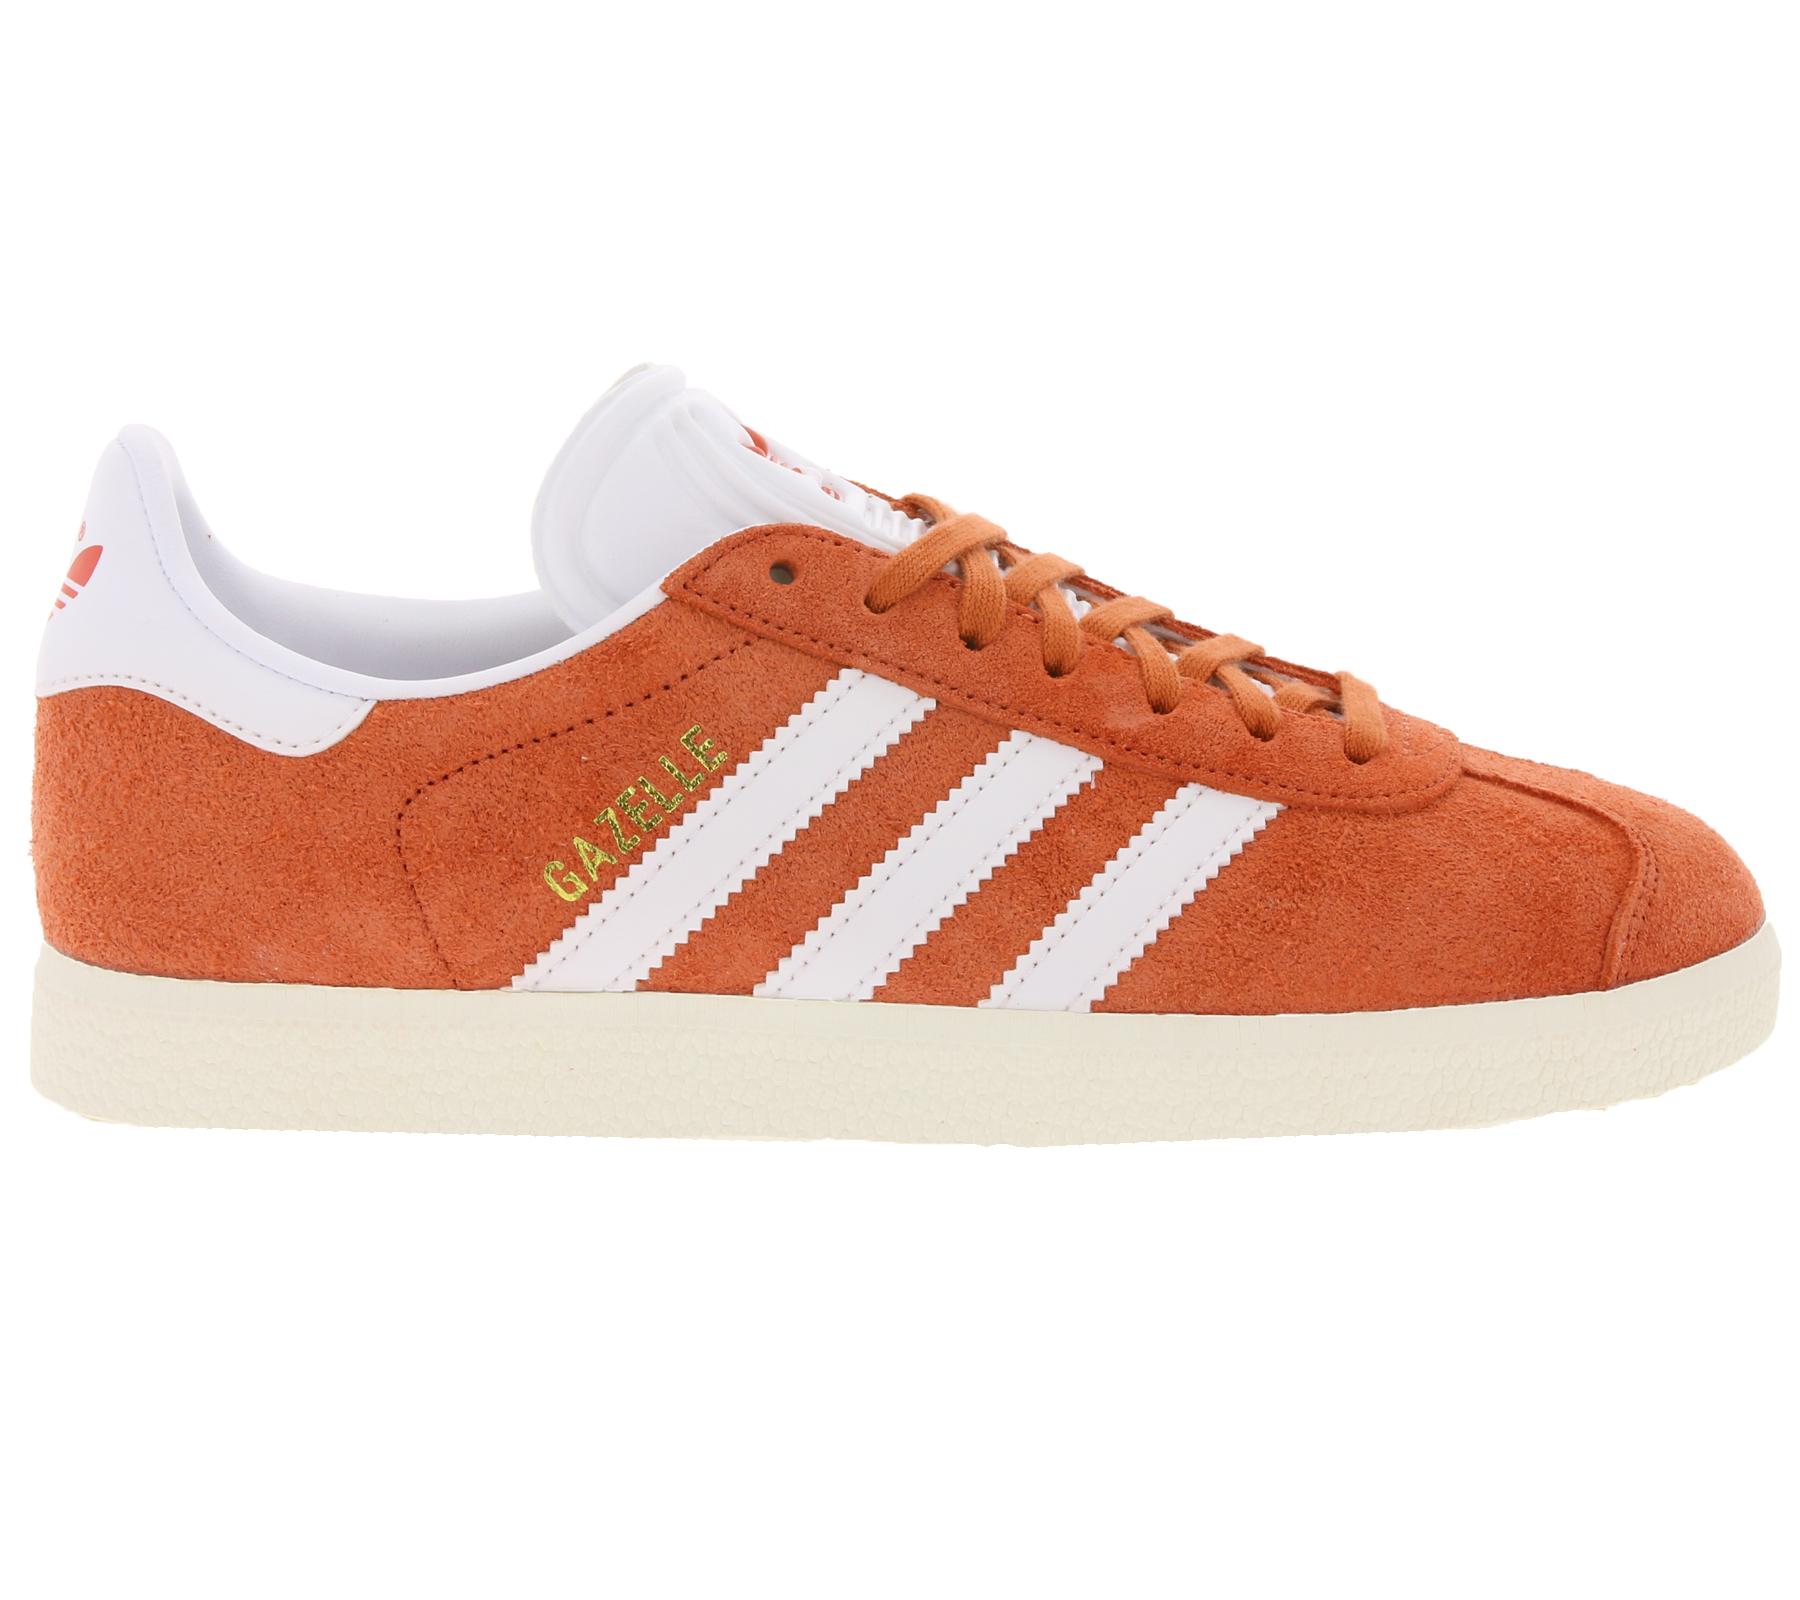 Originals Schuhe Adidas Sneaker Lässige Damen Orange Gazelle dexBWrCo